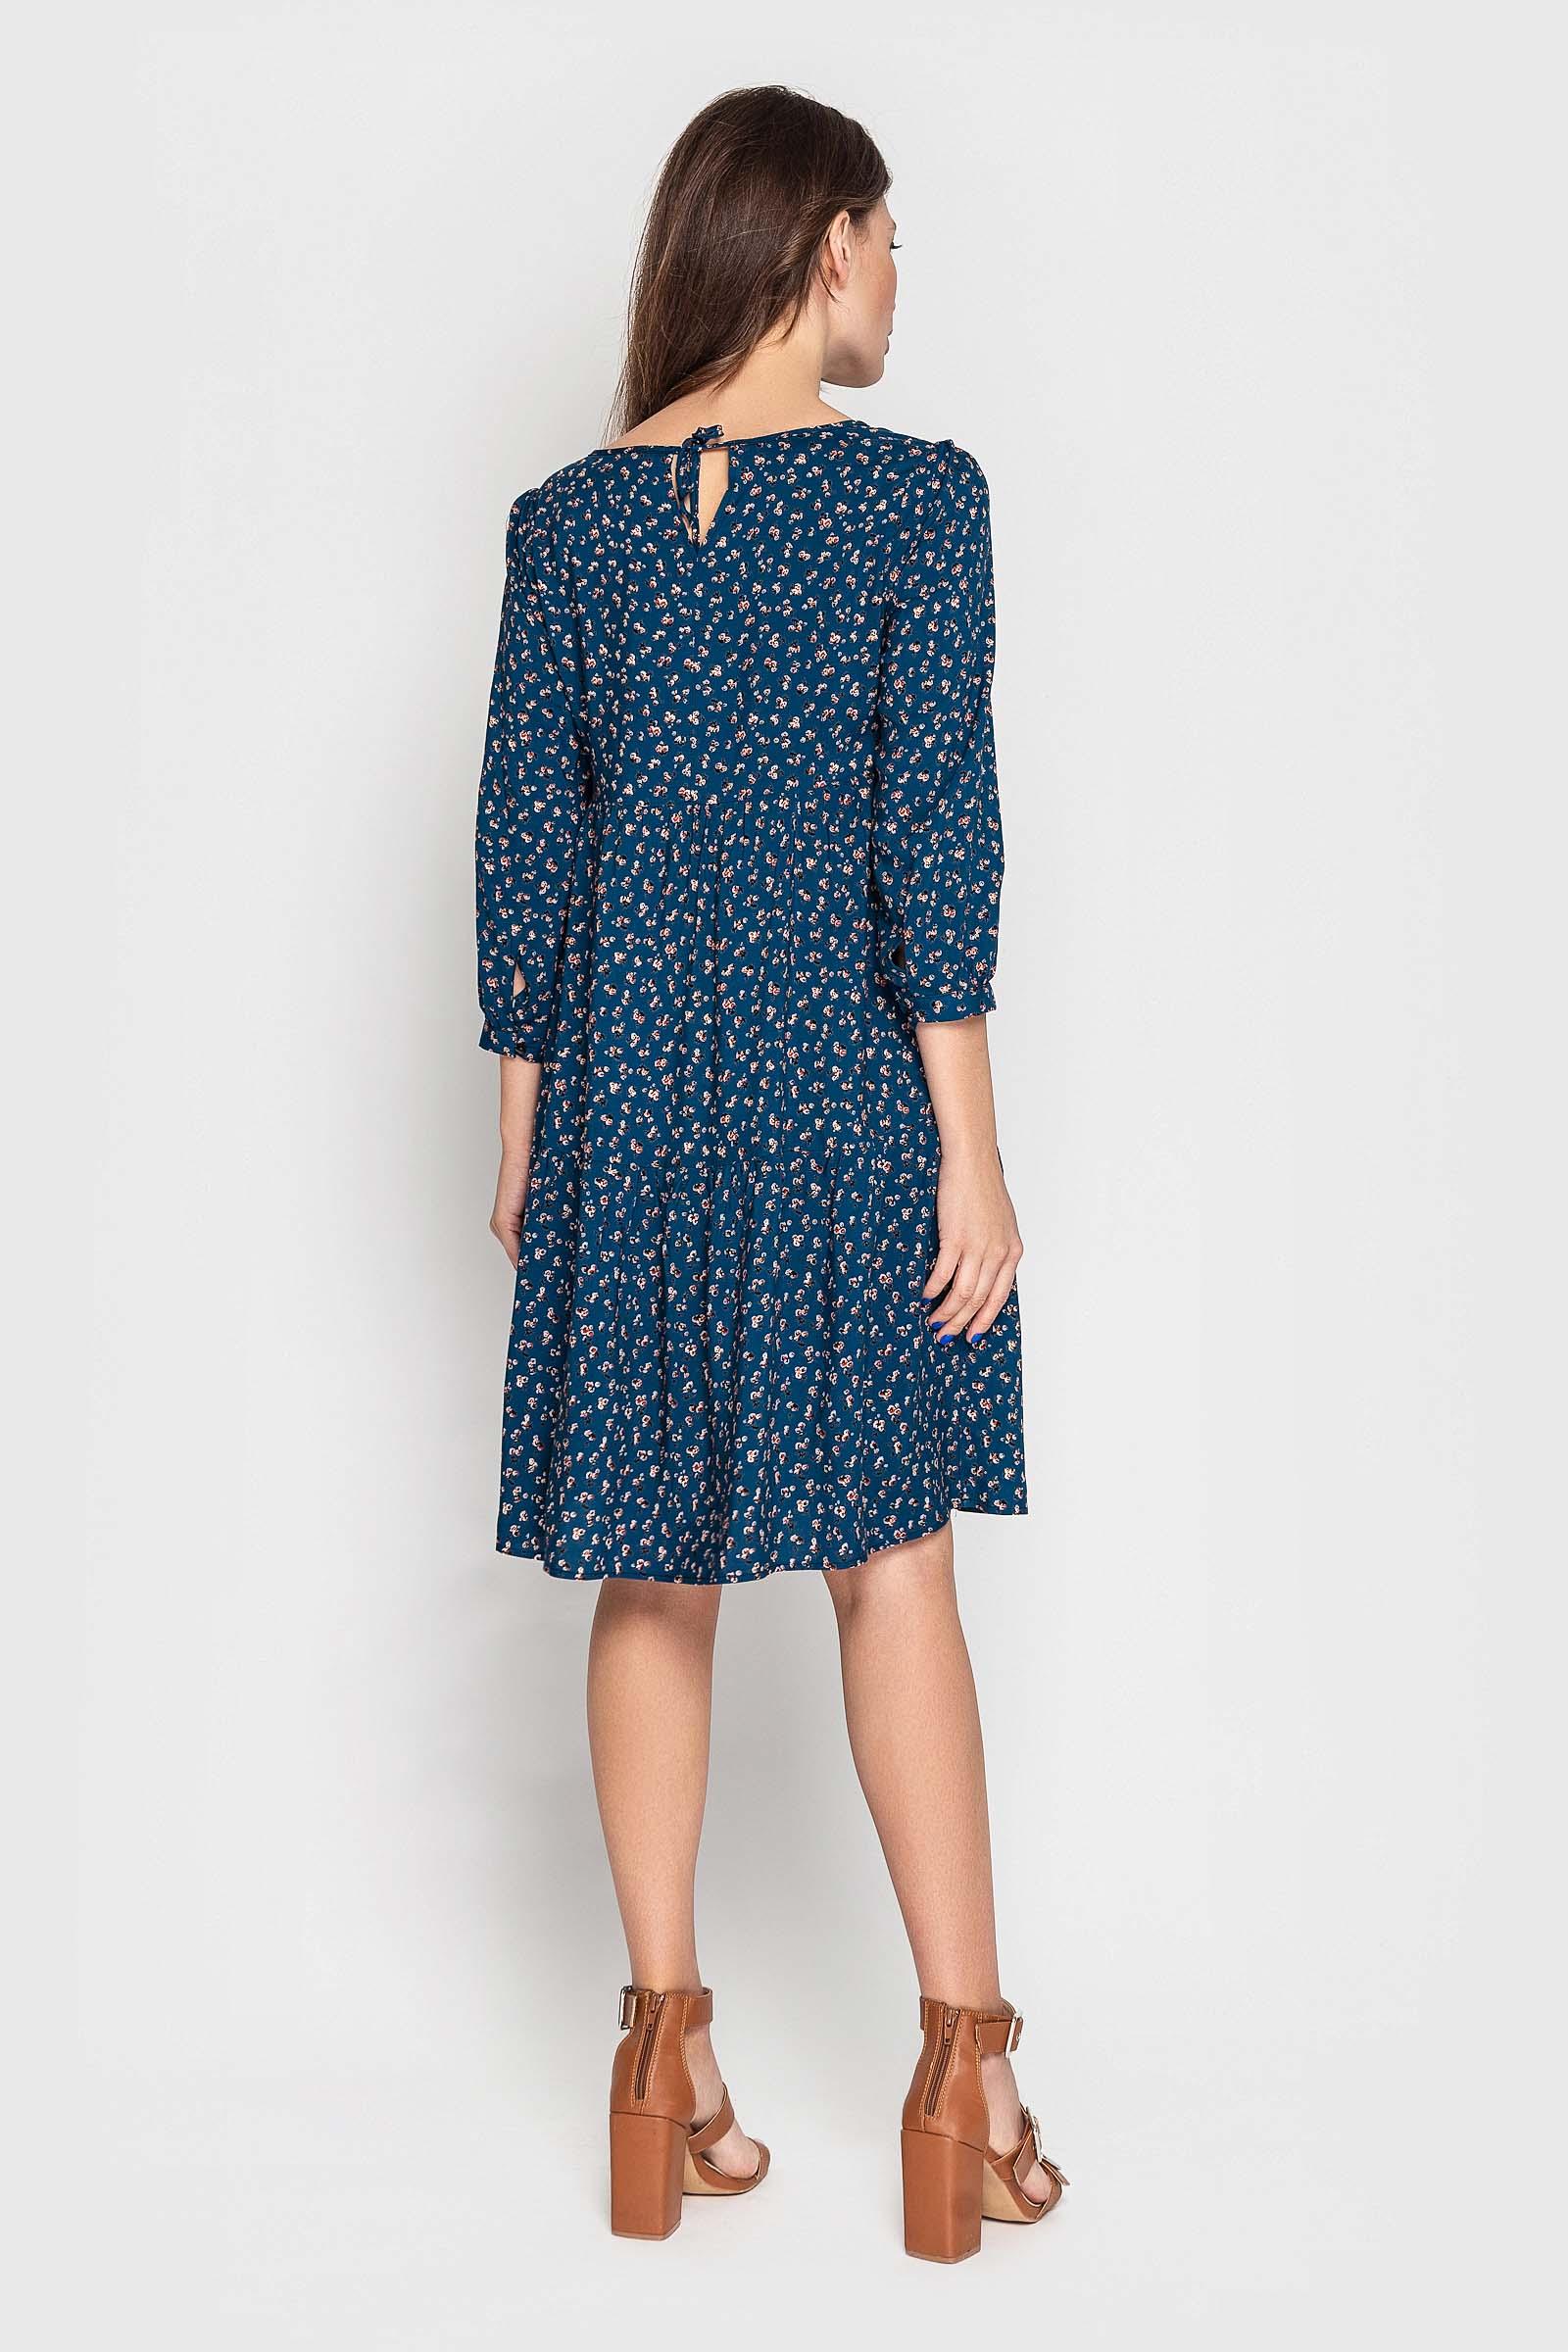 2021 04 10 poltava30537 Купить платье